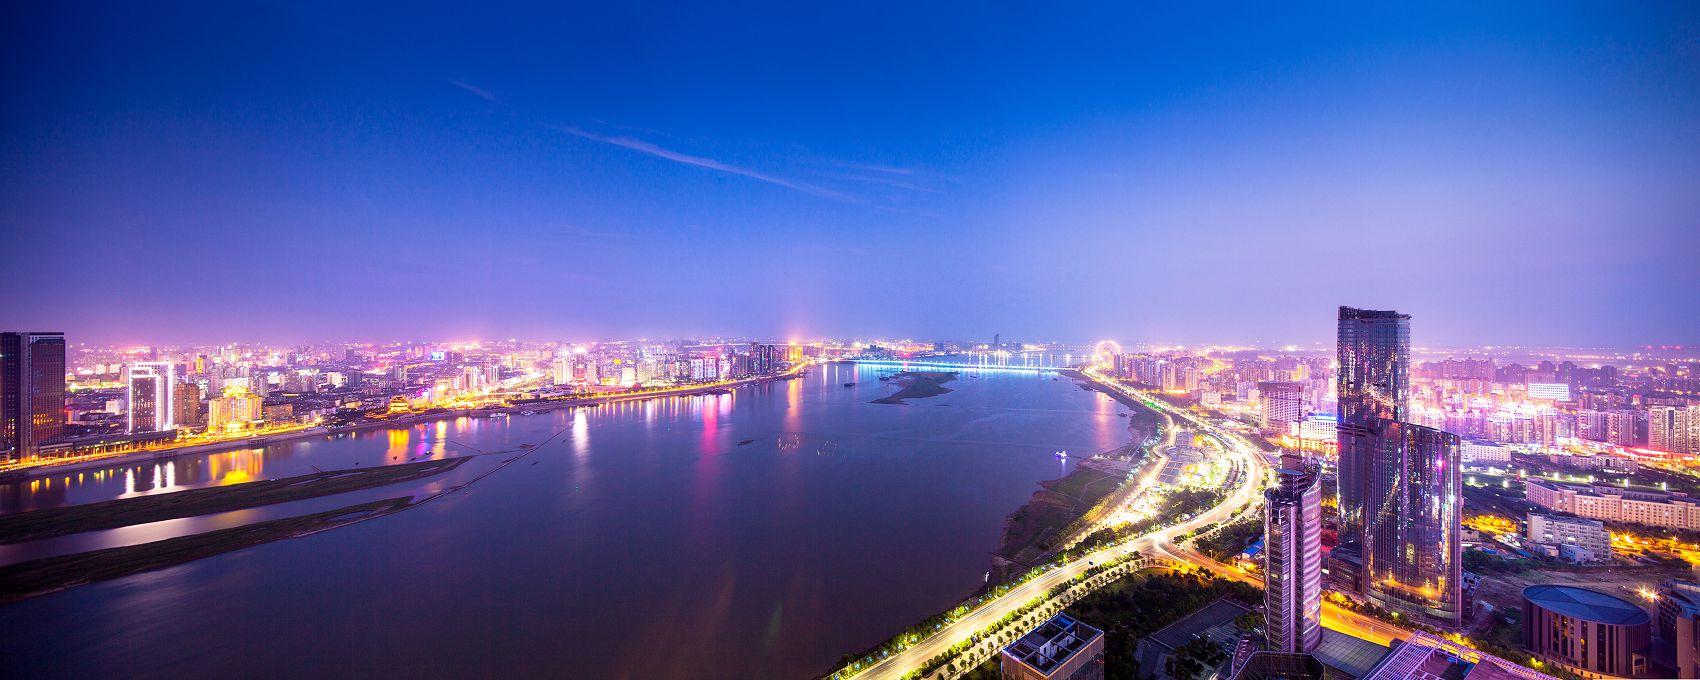 Дананг город в Вьетнаме